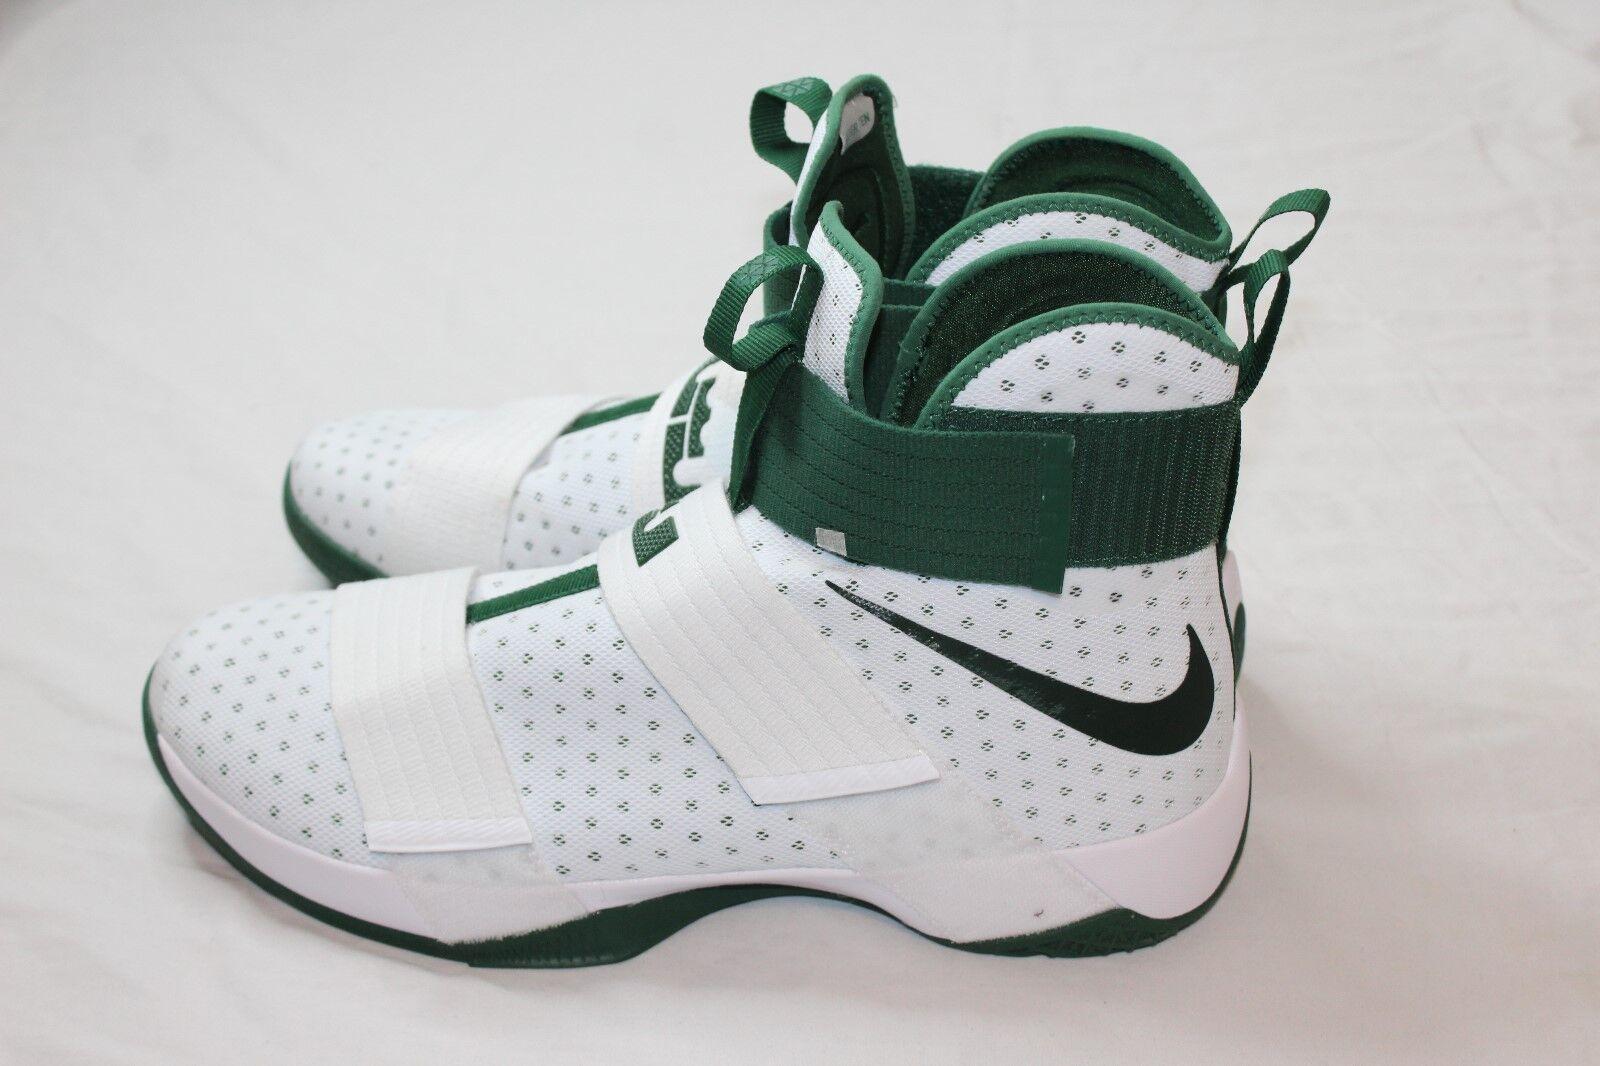 Nike LeBron Soldier 10  X 856489-130 White Green Size 16.5 Retail  130 New